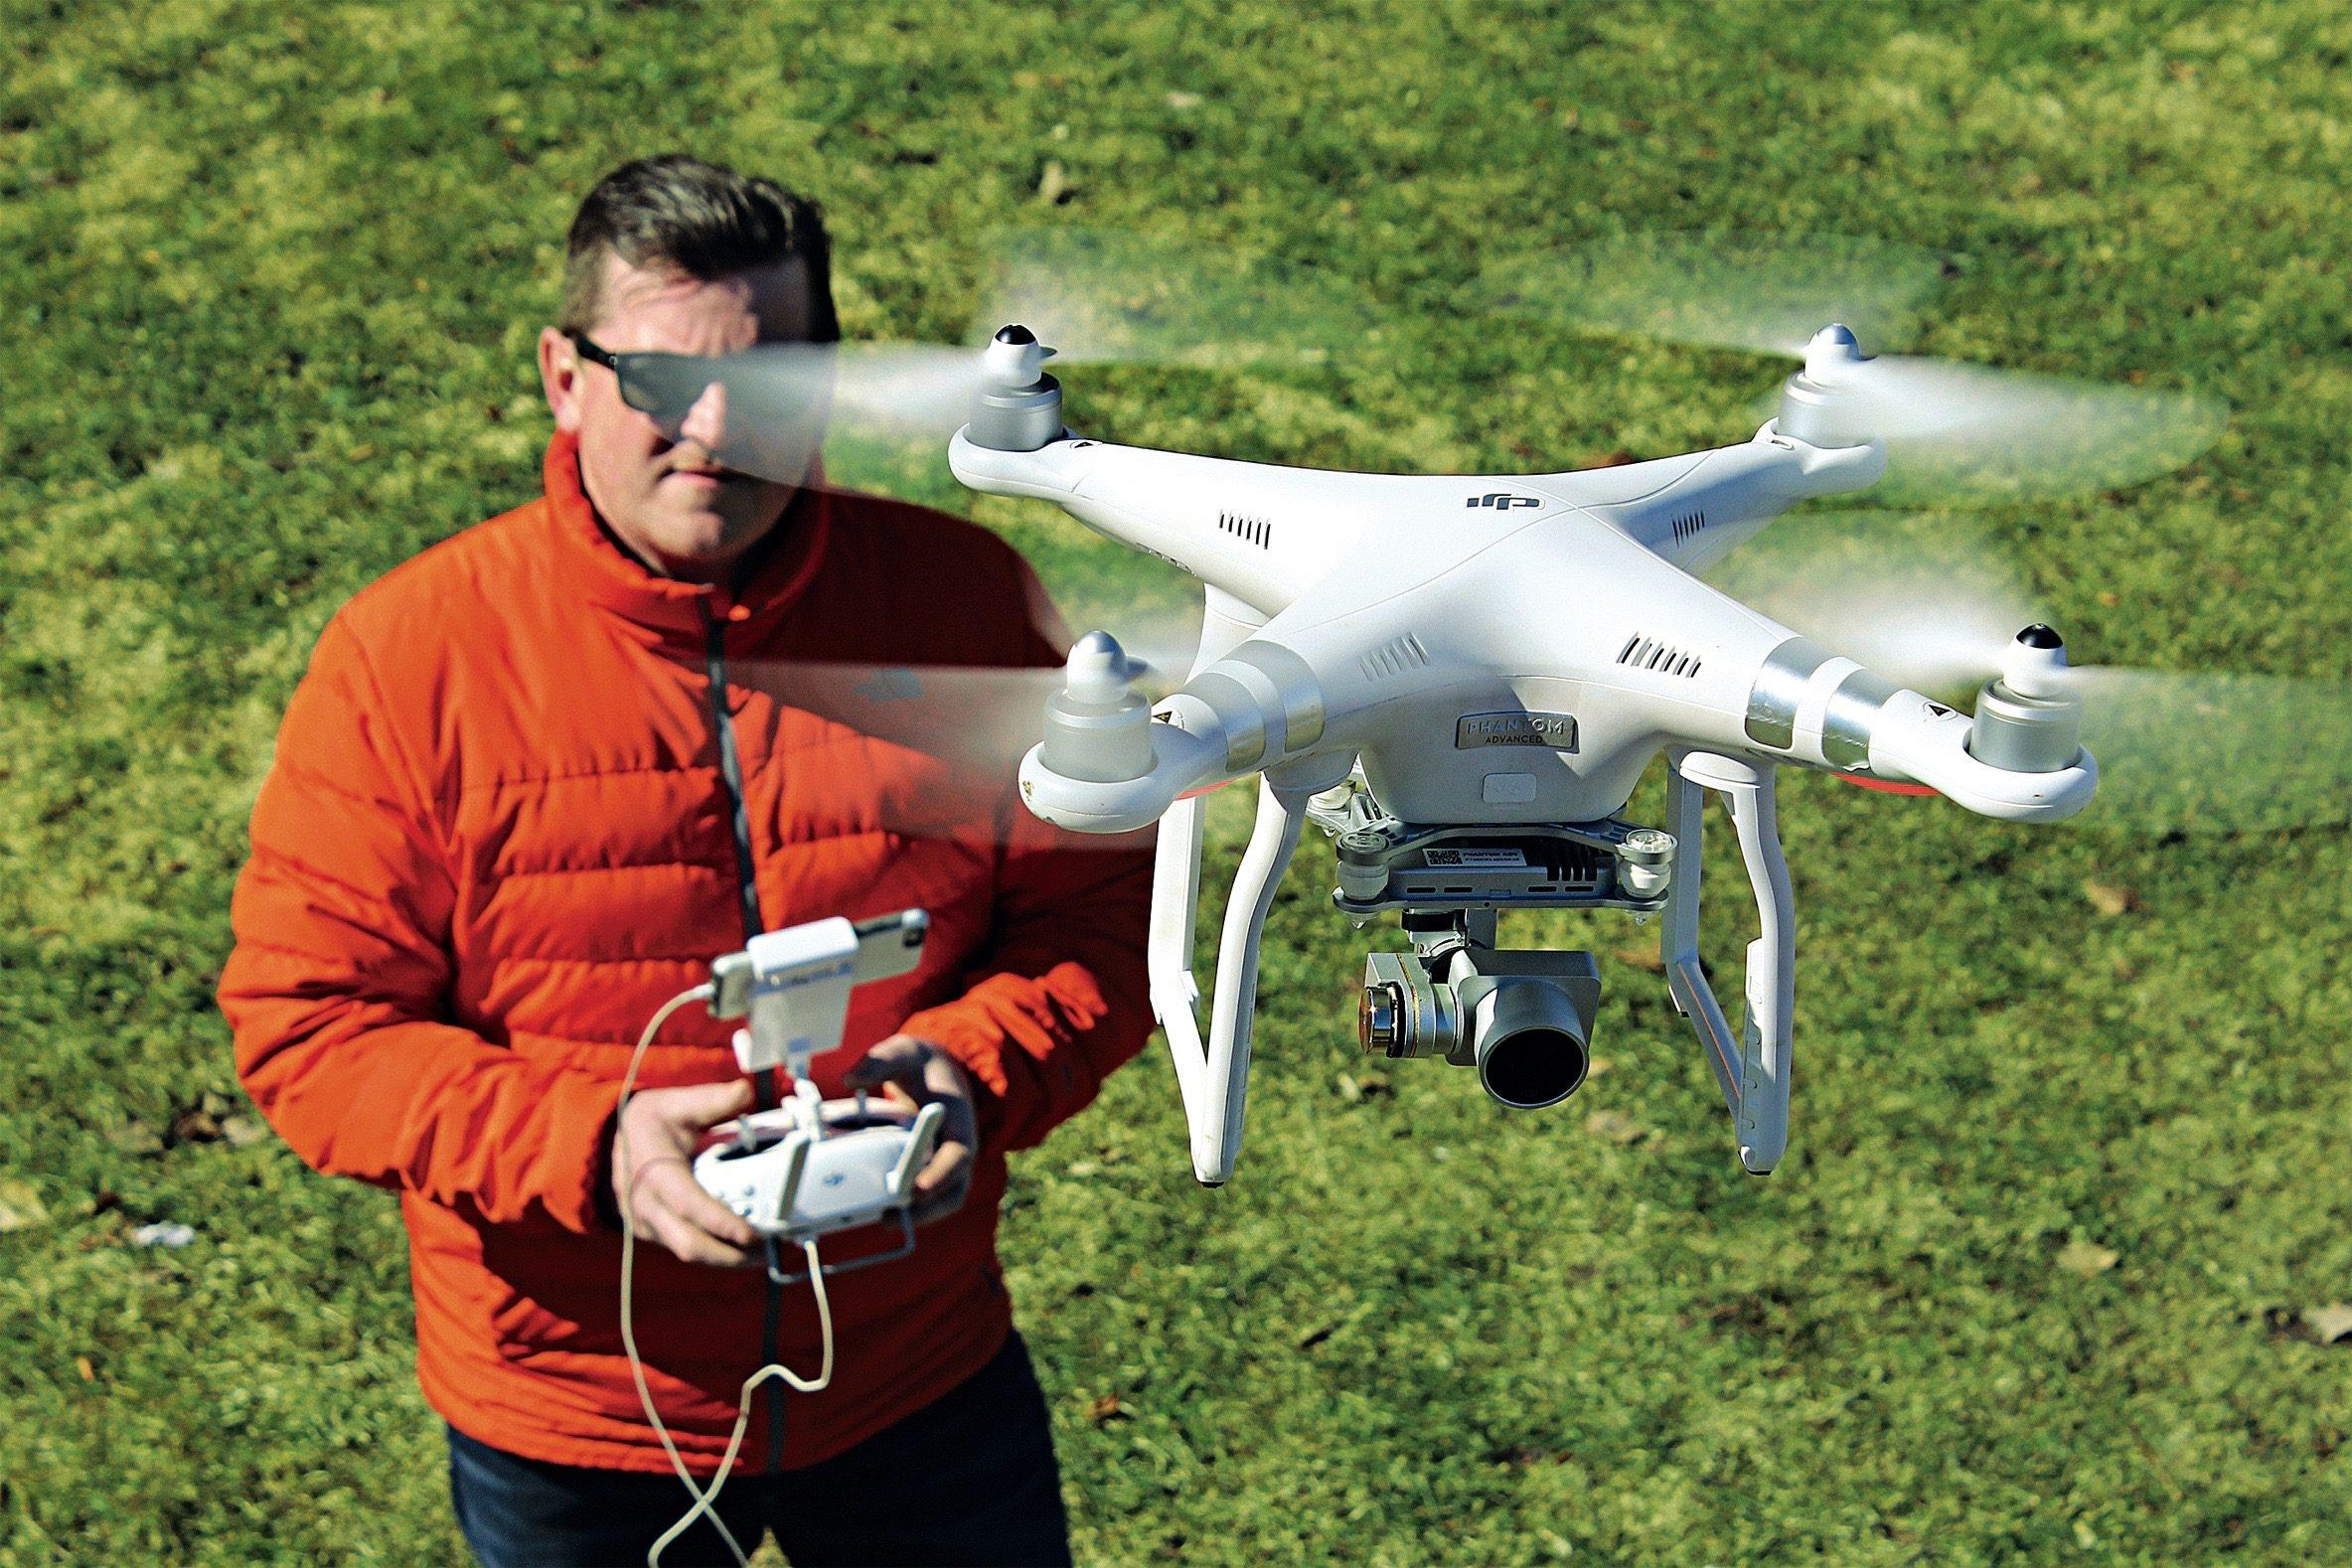 drone-camera-eric-goggins